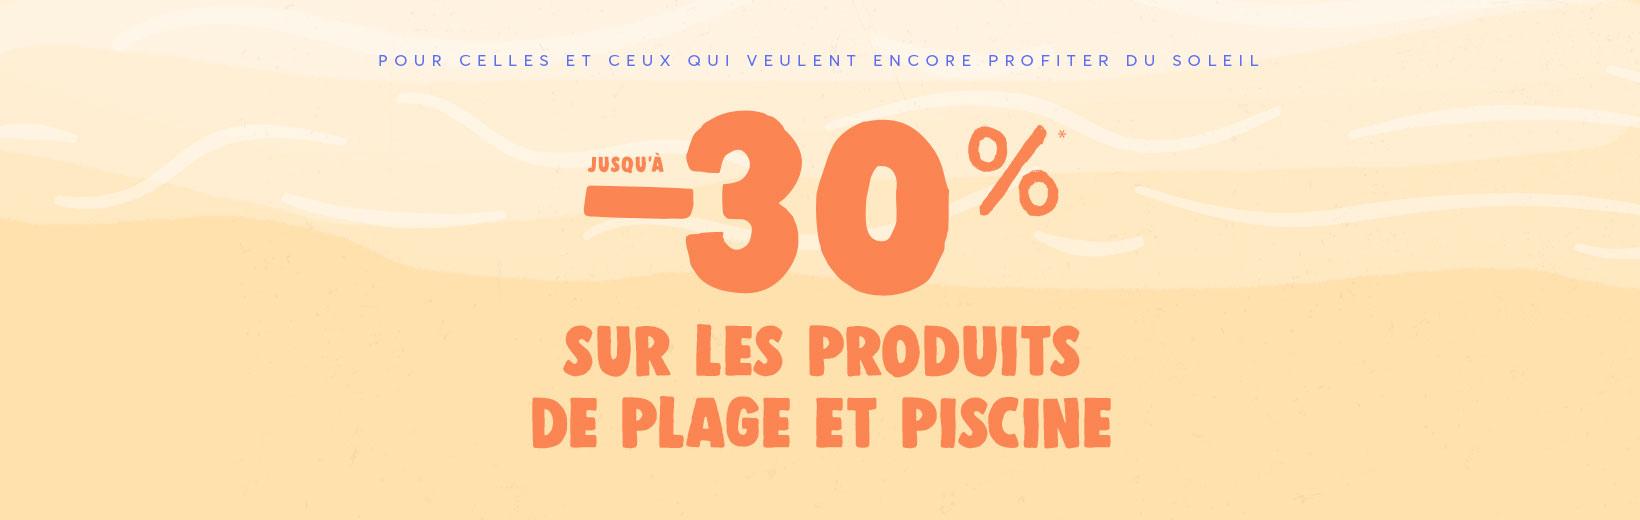 -20%* sur les produits de plage et piscine